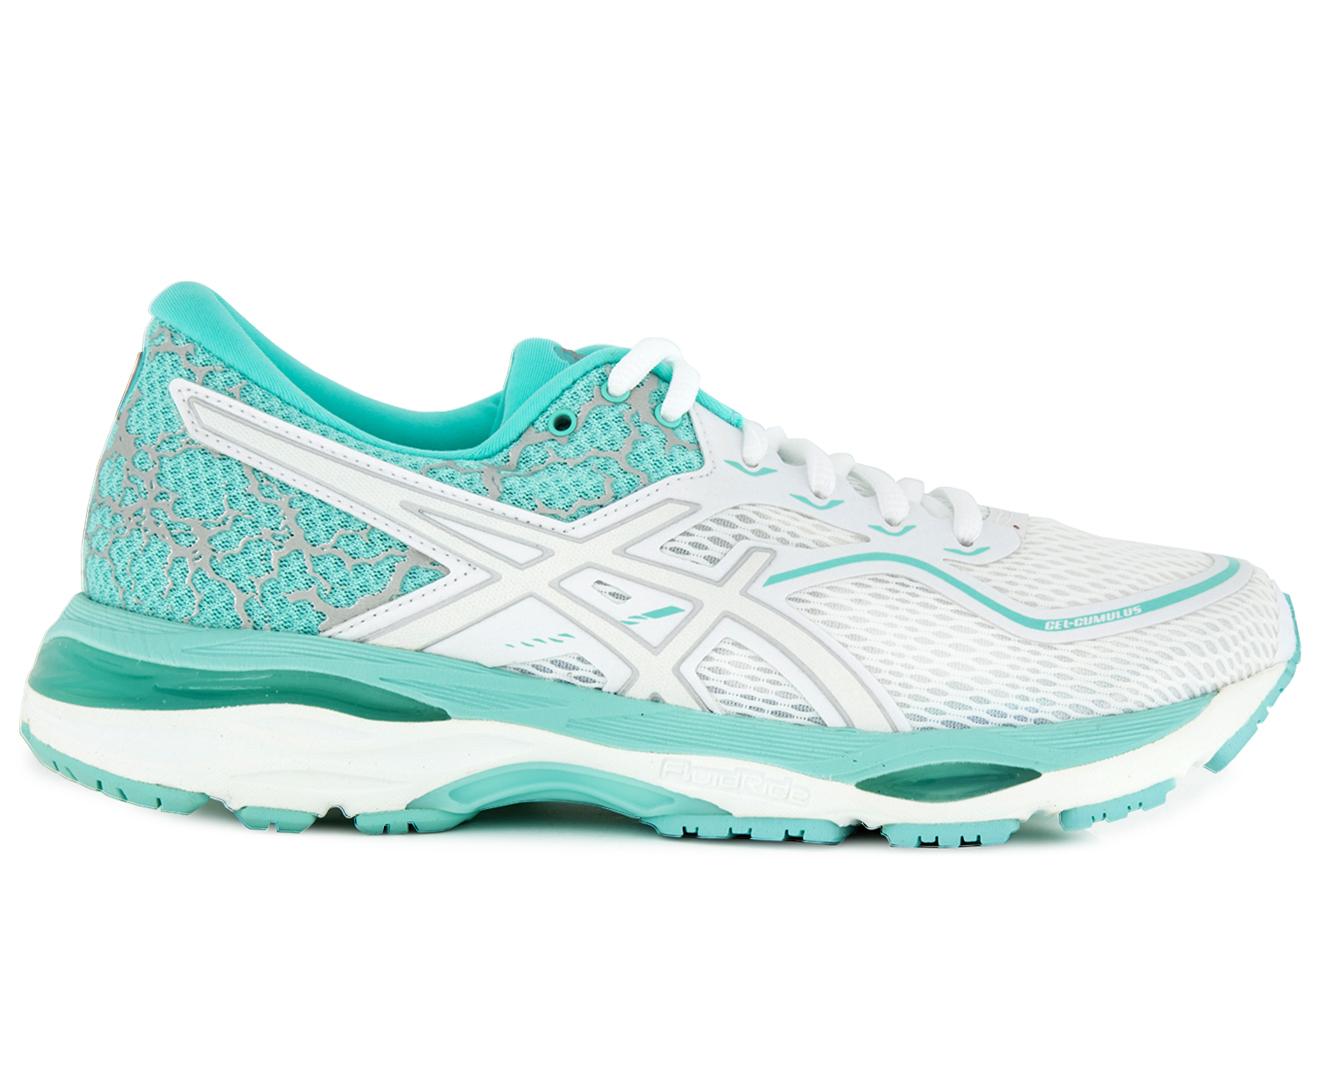 Whitesilveraruba Gel Asics Blue Details 19 Show Lite Women's Shoe About Cumulus A3q54jScRL